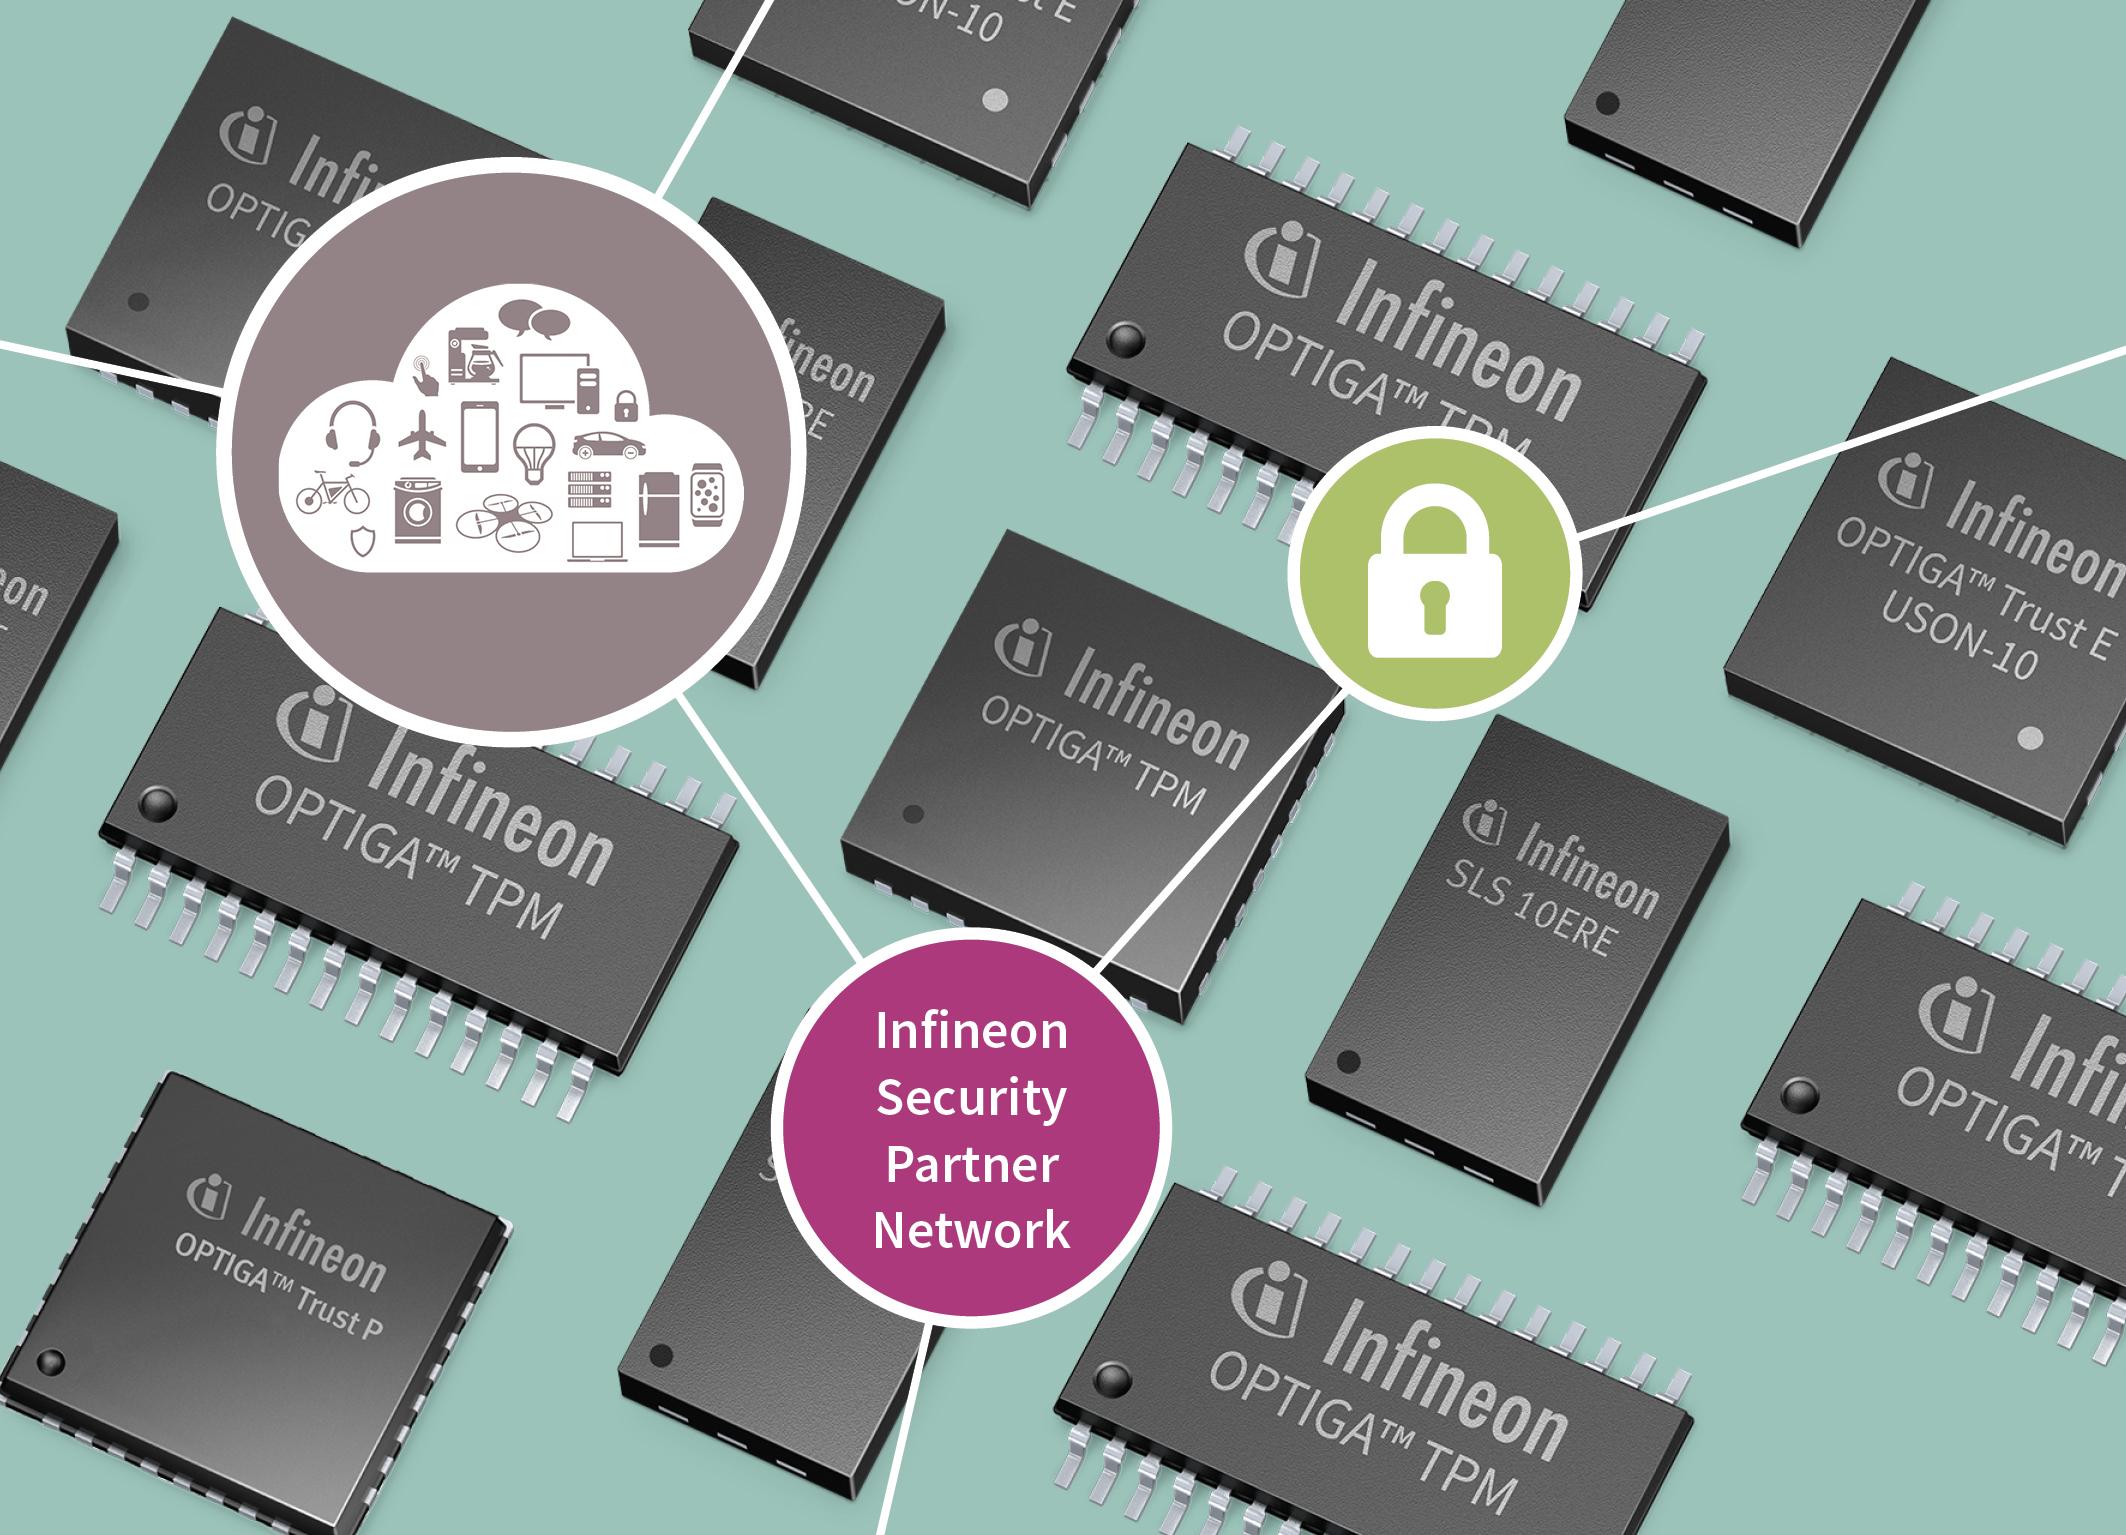 Infineon ISPN